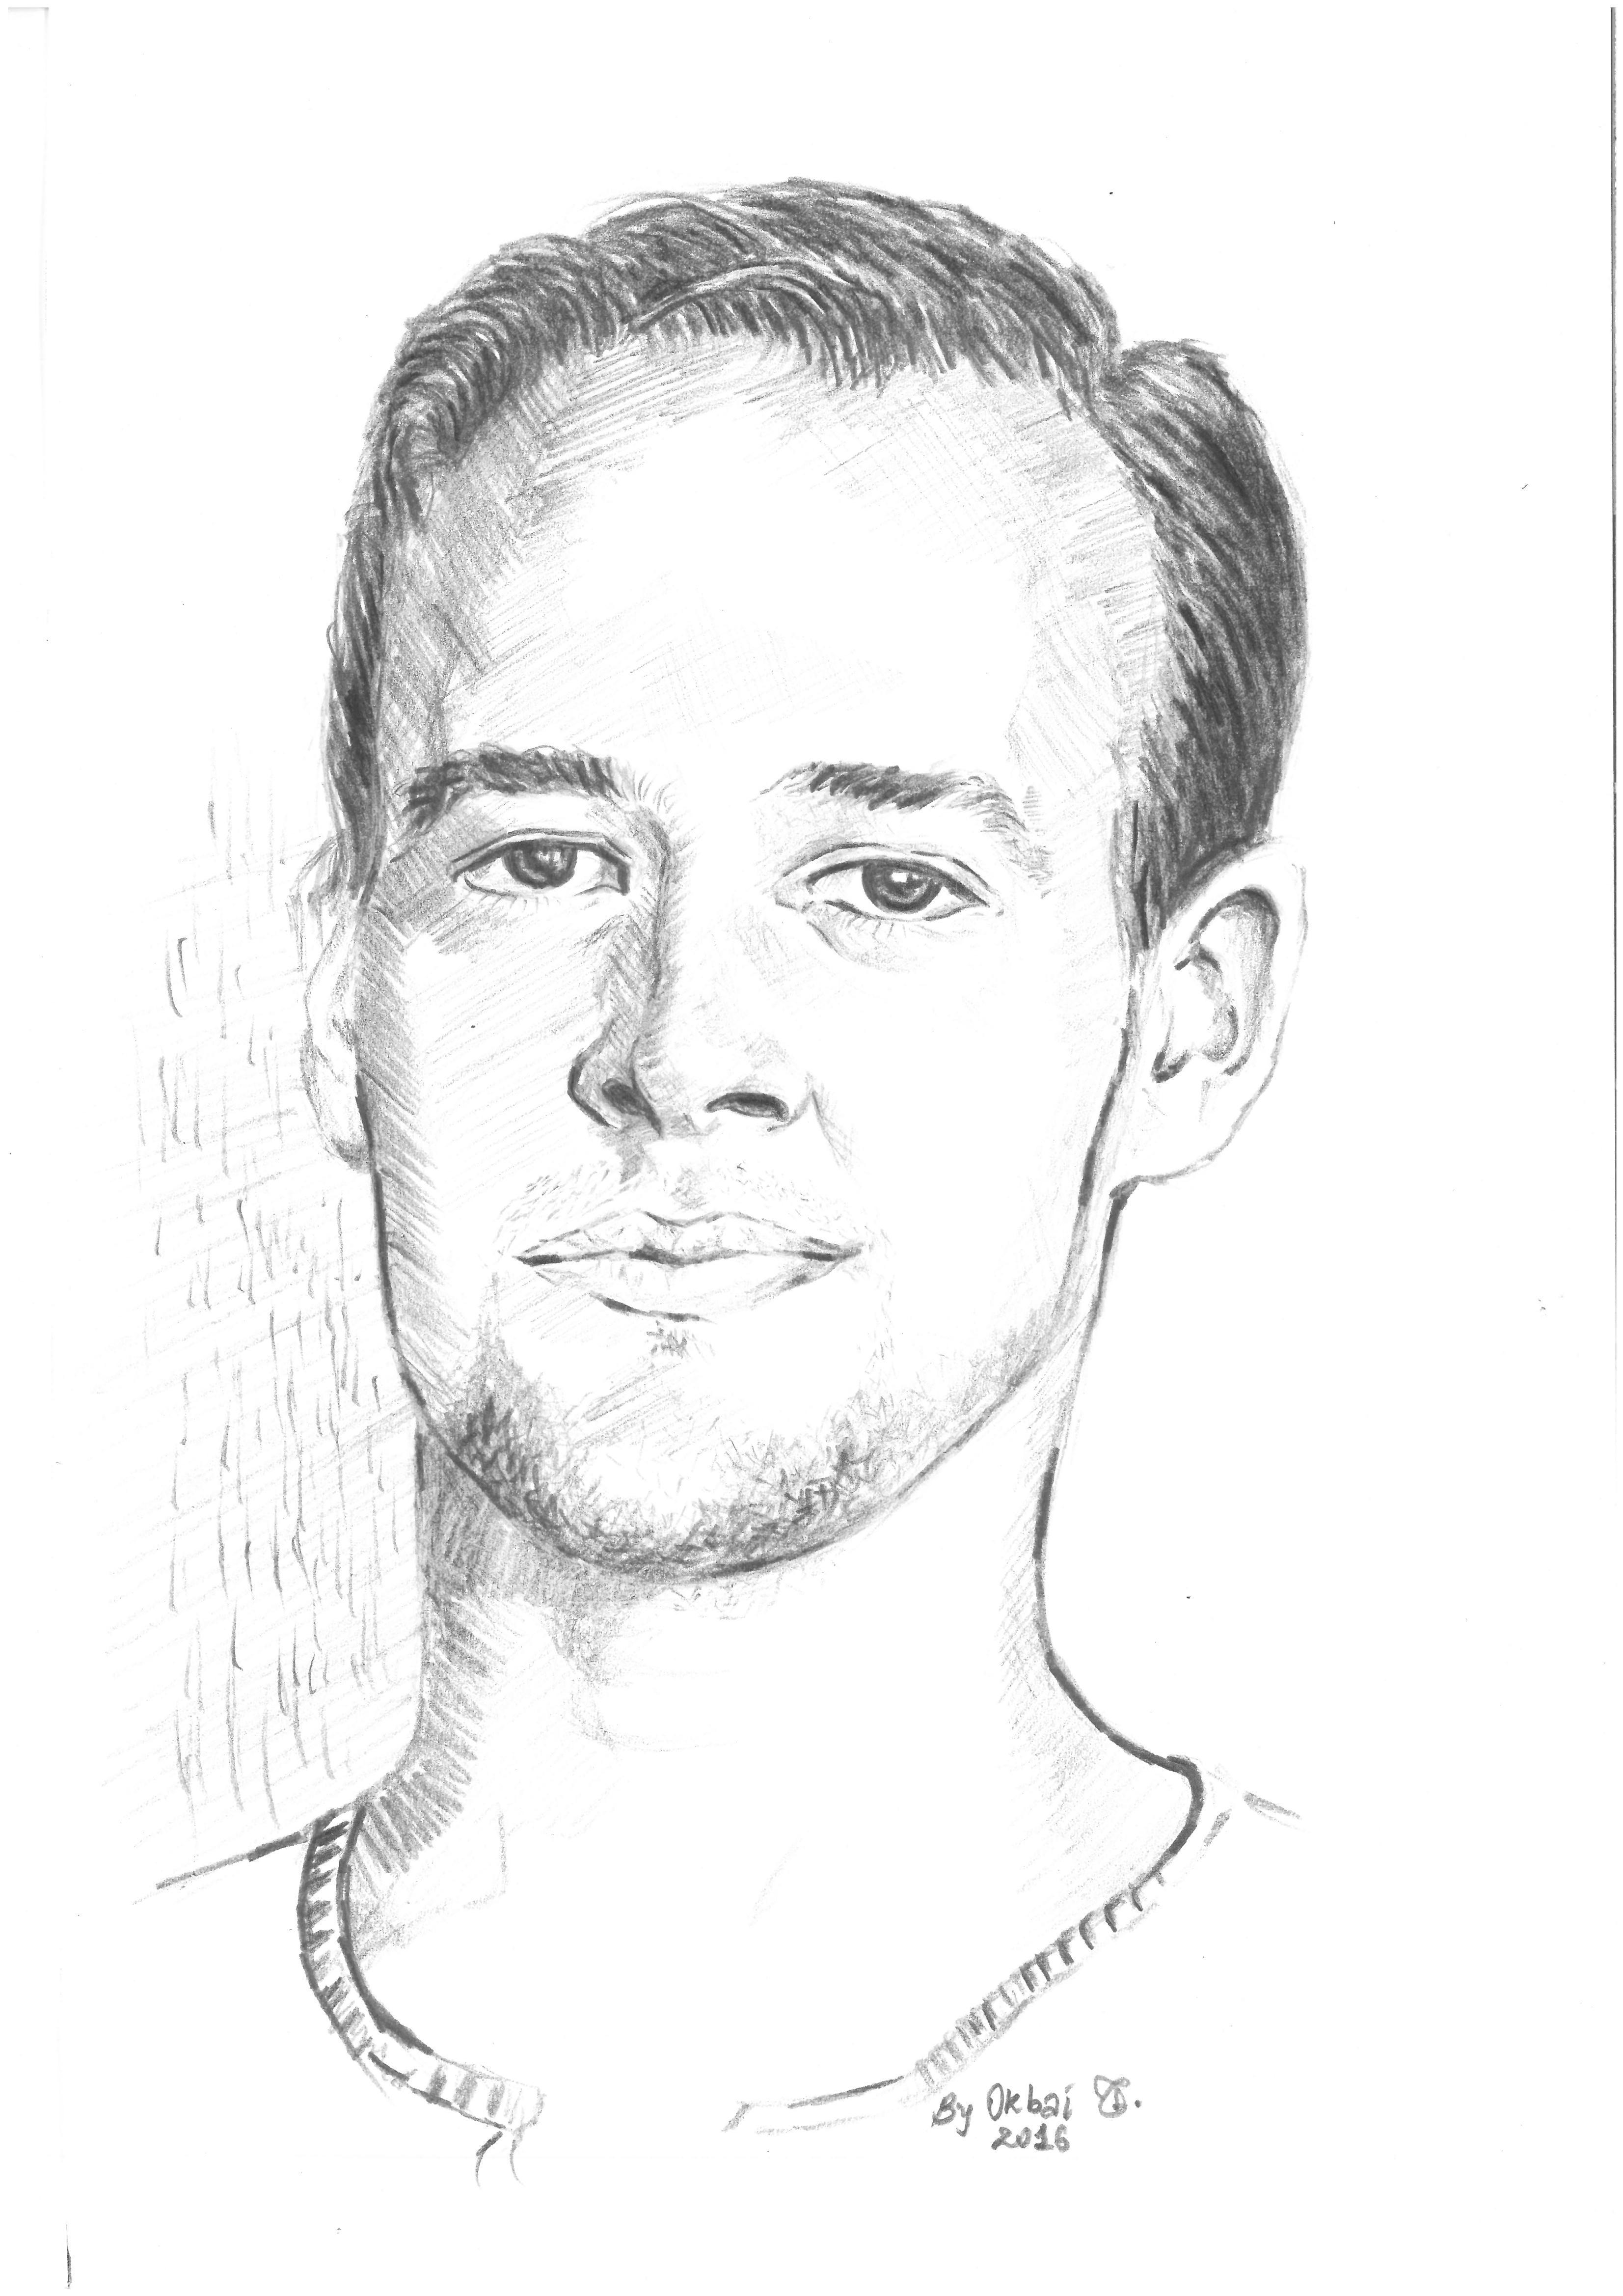 Ein Bild zeigt ein gezeichnetes Porträt von Maximilian Pfeifer